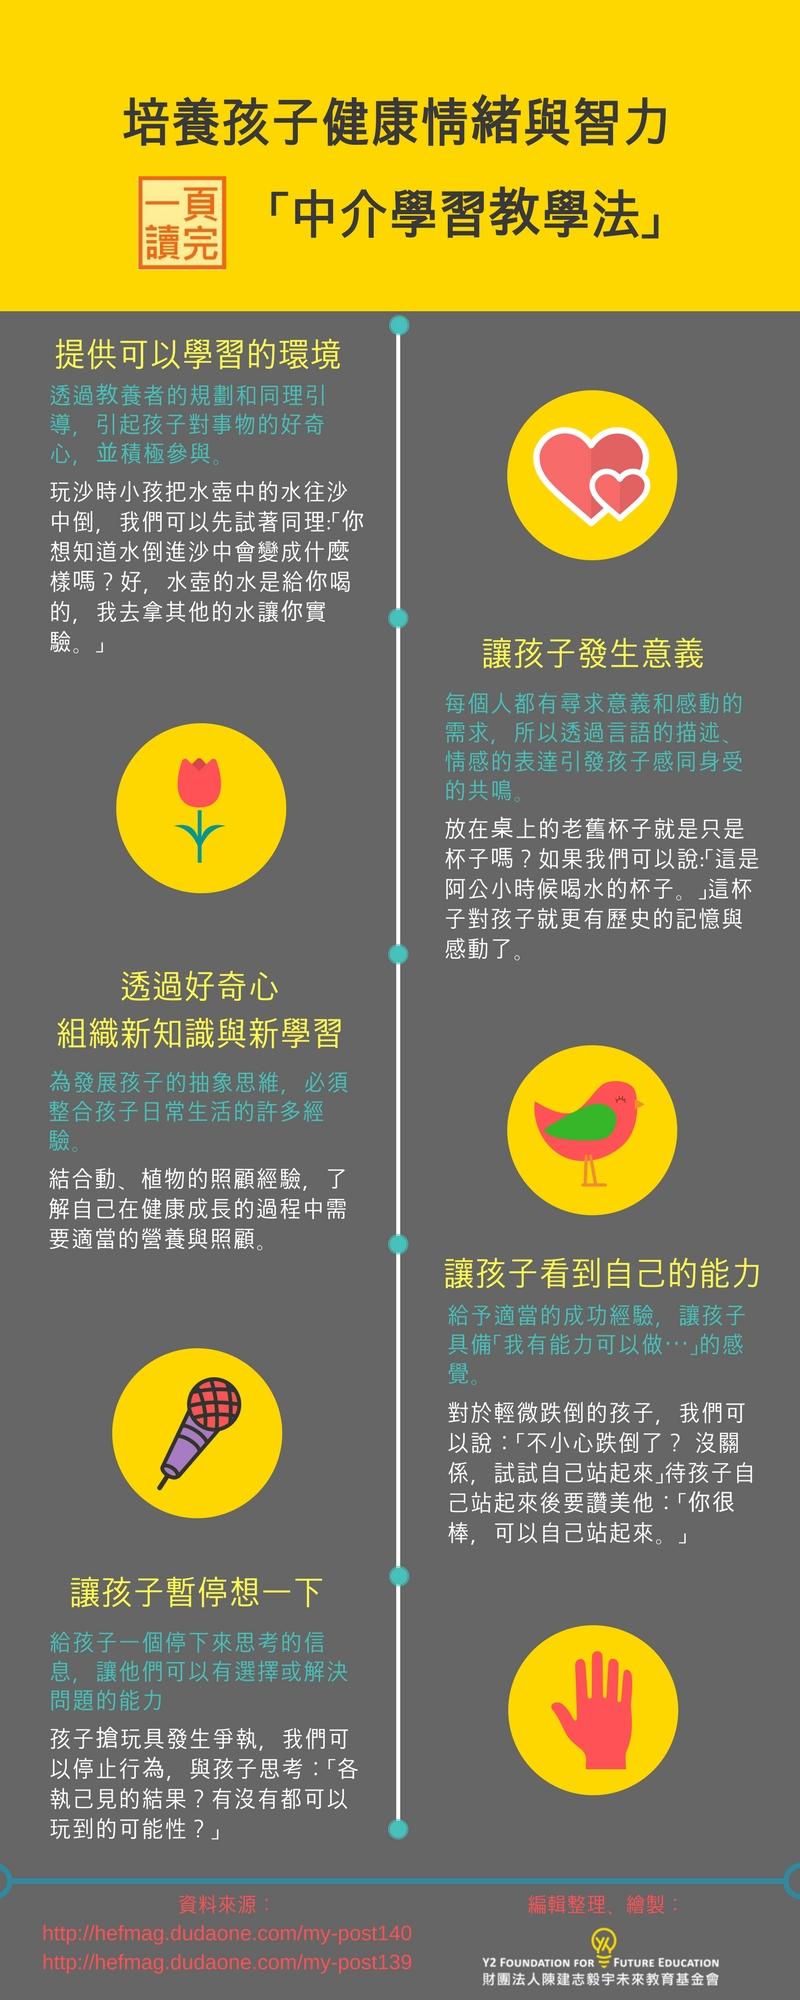 中介學習教育法 (6).jpg